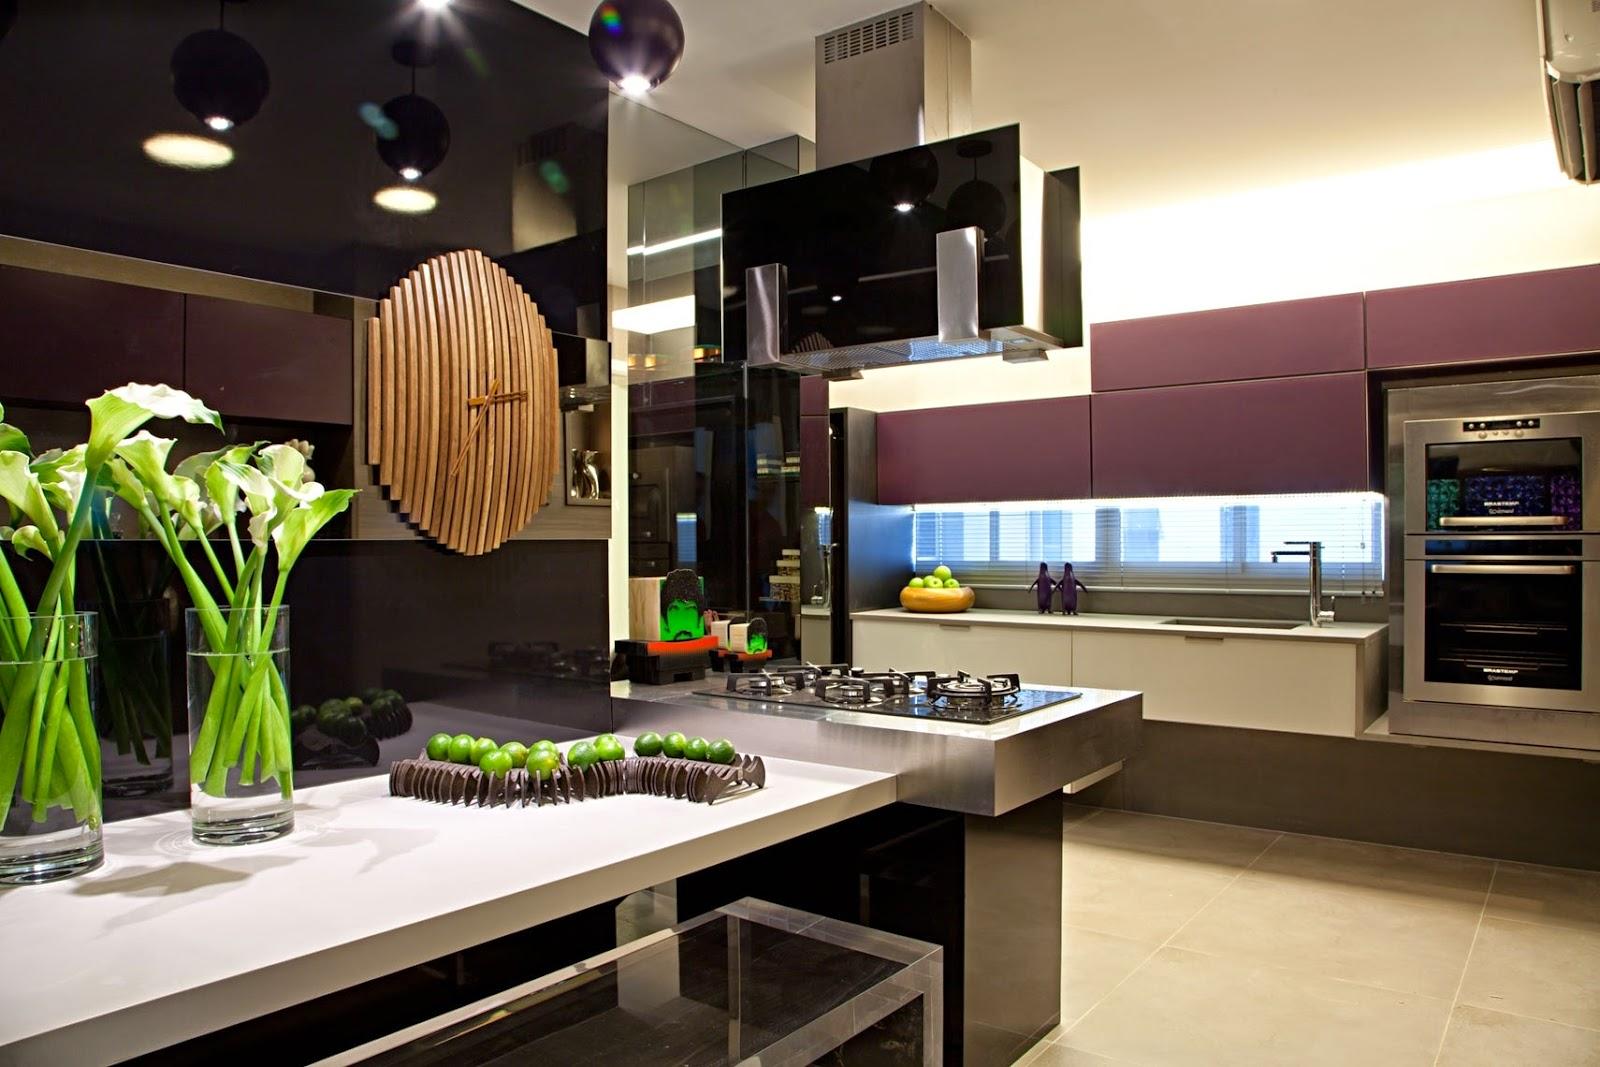 Torres de eletrodomésticos – veja 20 cozinhas lindas e funcionais  #416C10 1600 1067